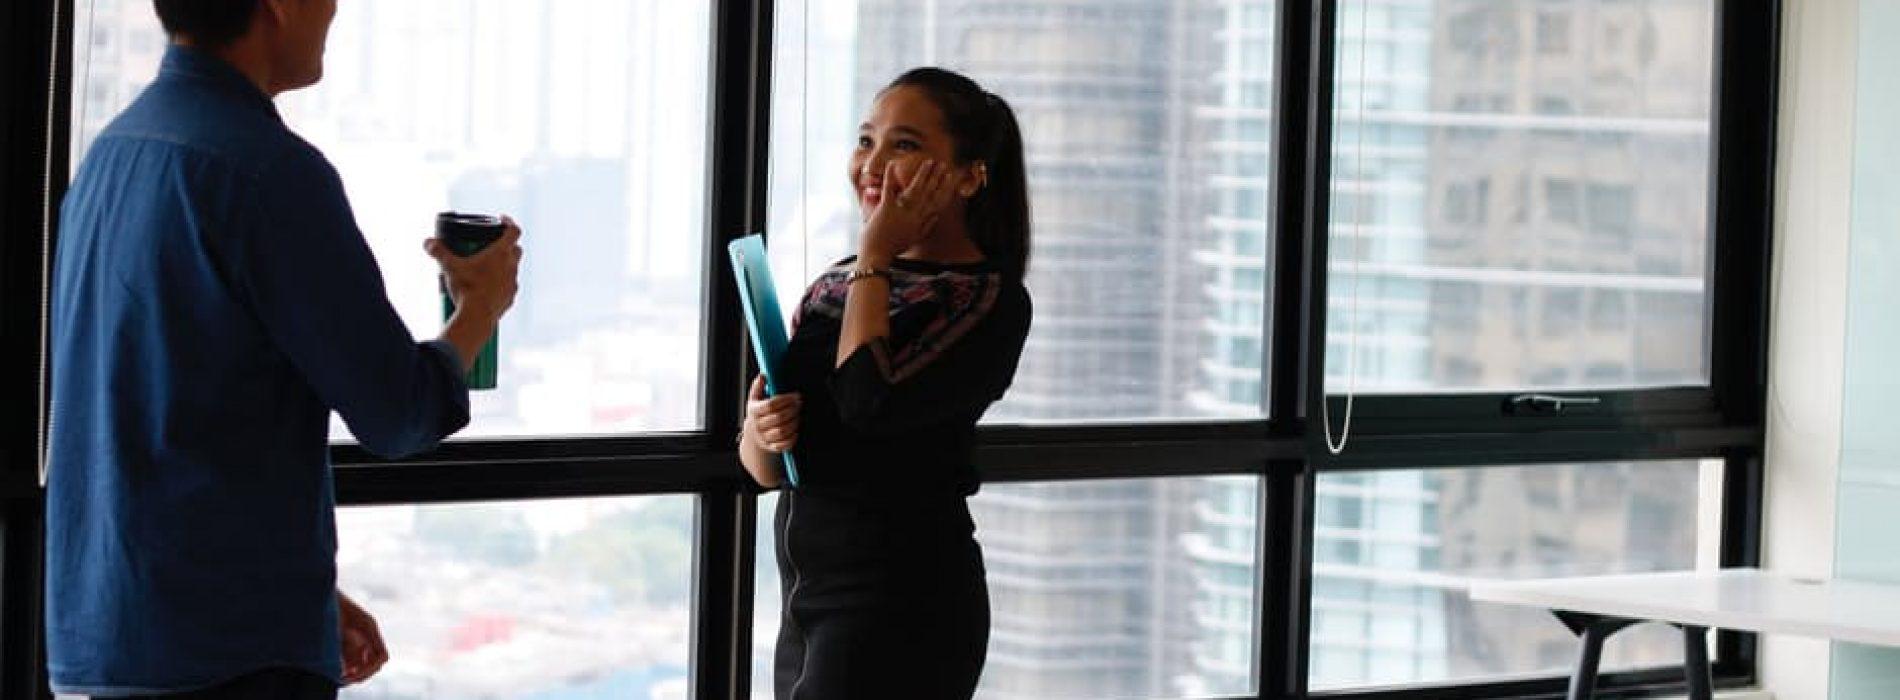 Как да предразположите интервюиращия така, че да ви хареса повече?